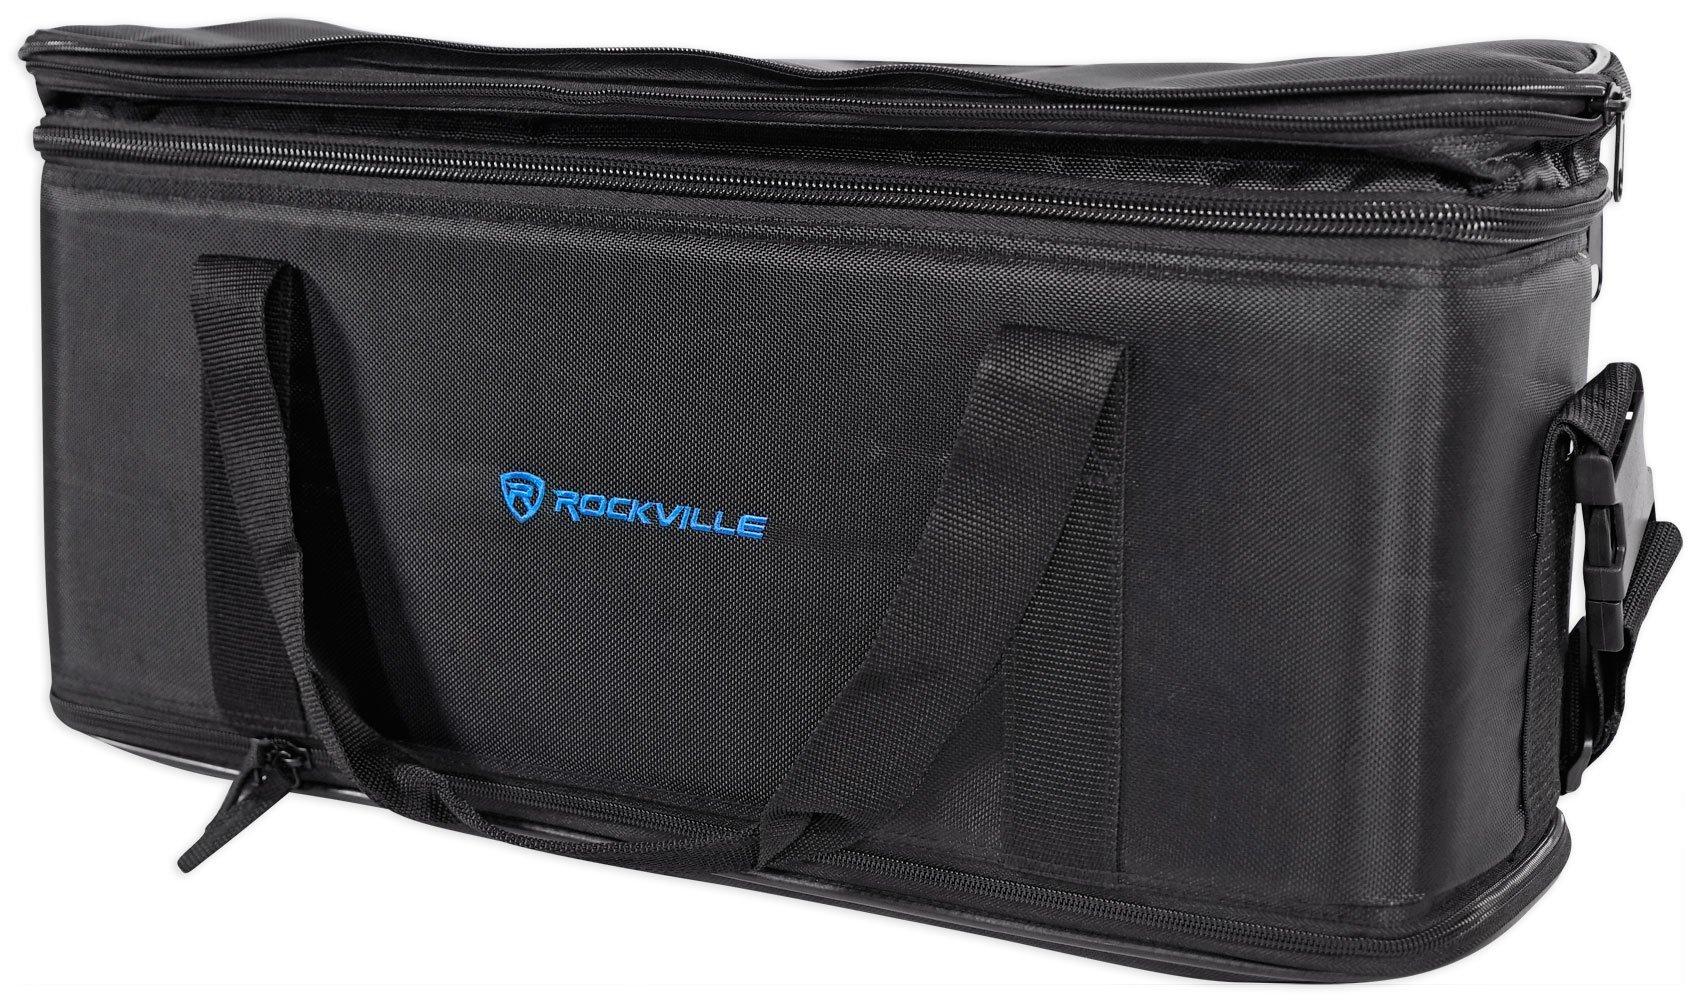 Rockville 3U Rack Bag Double-Sided Case with 12'' Depth + Shoulder Strap (RRB30) by Rockville (Image #3)